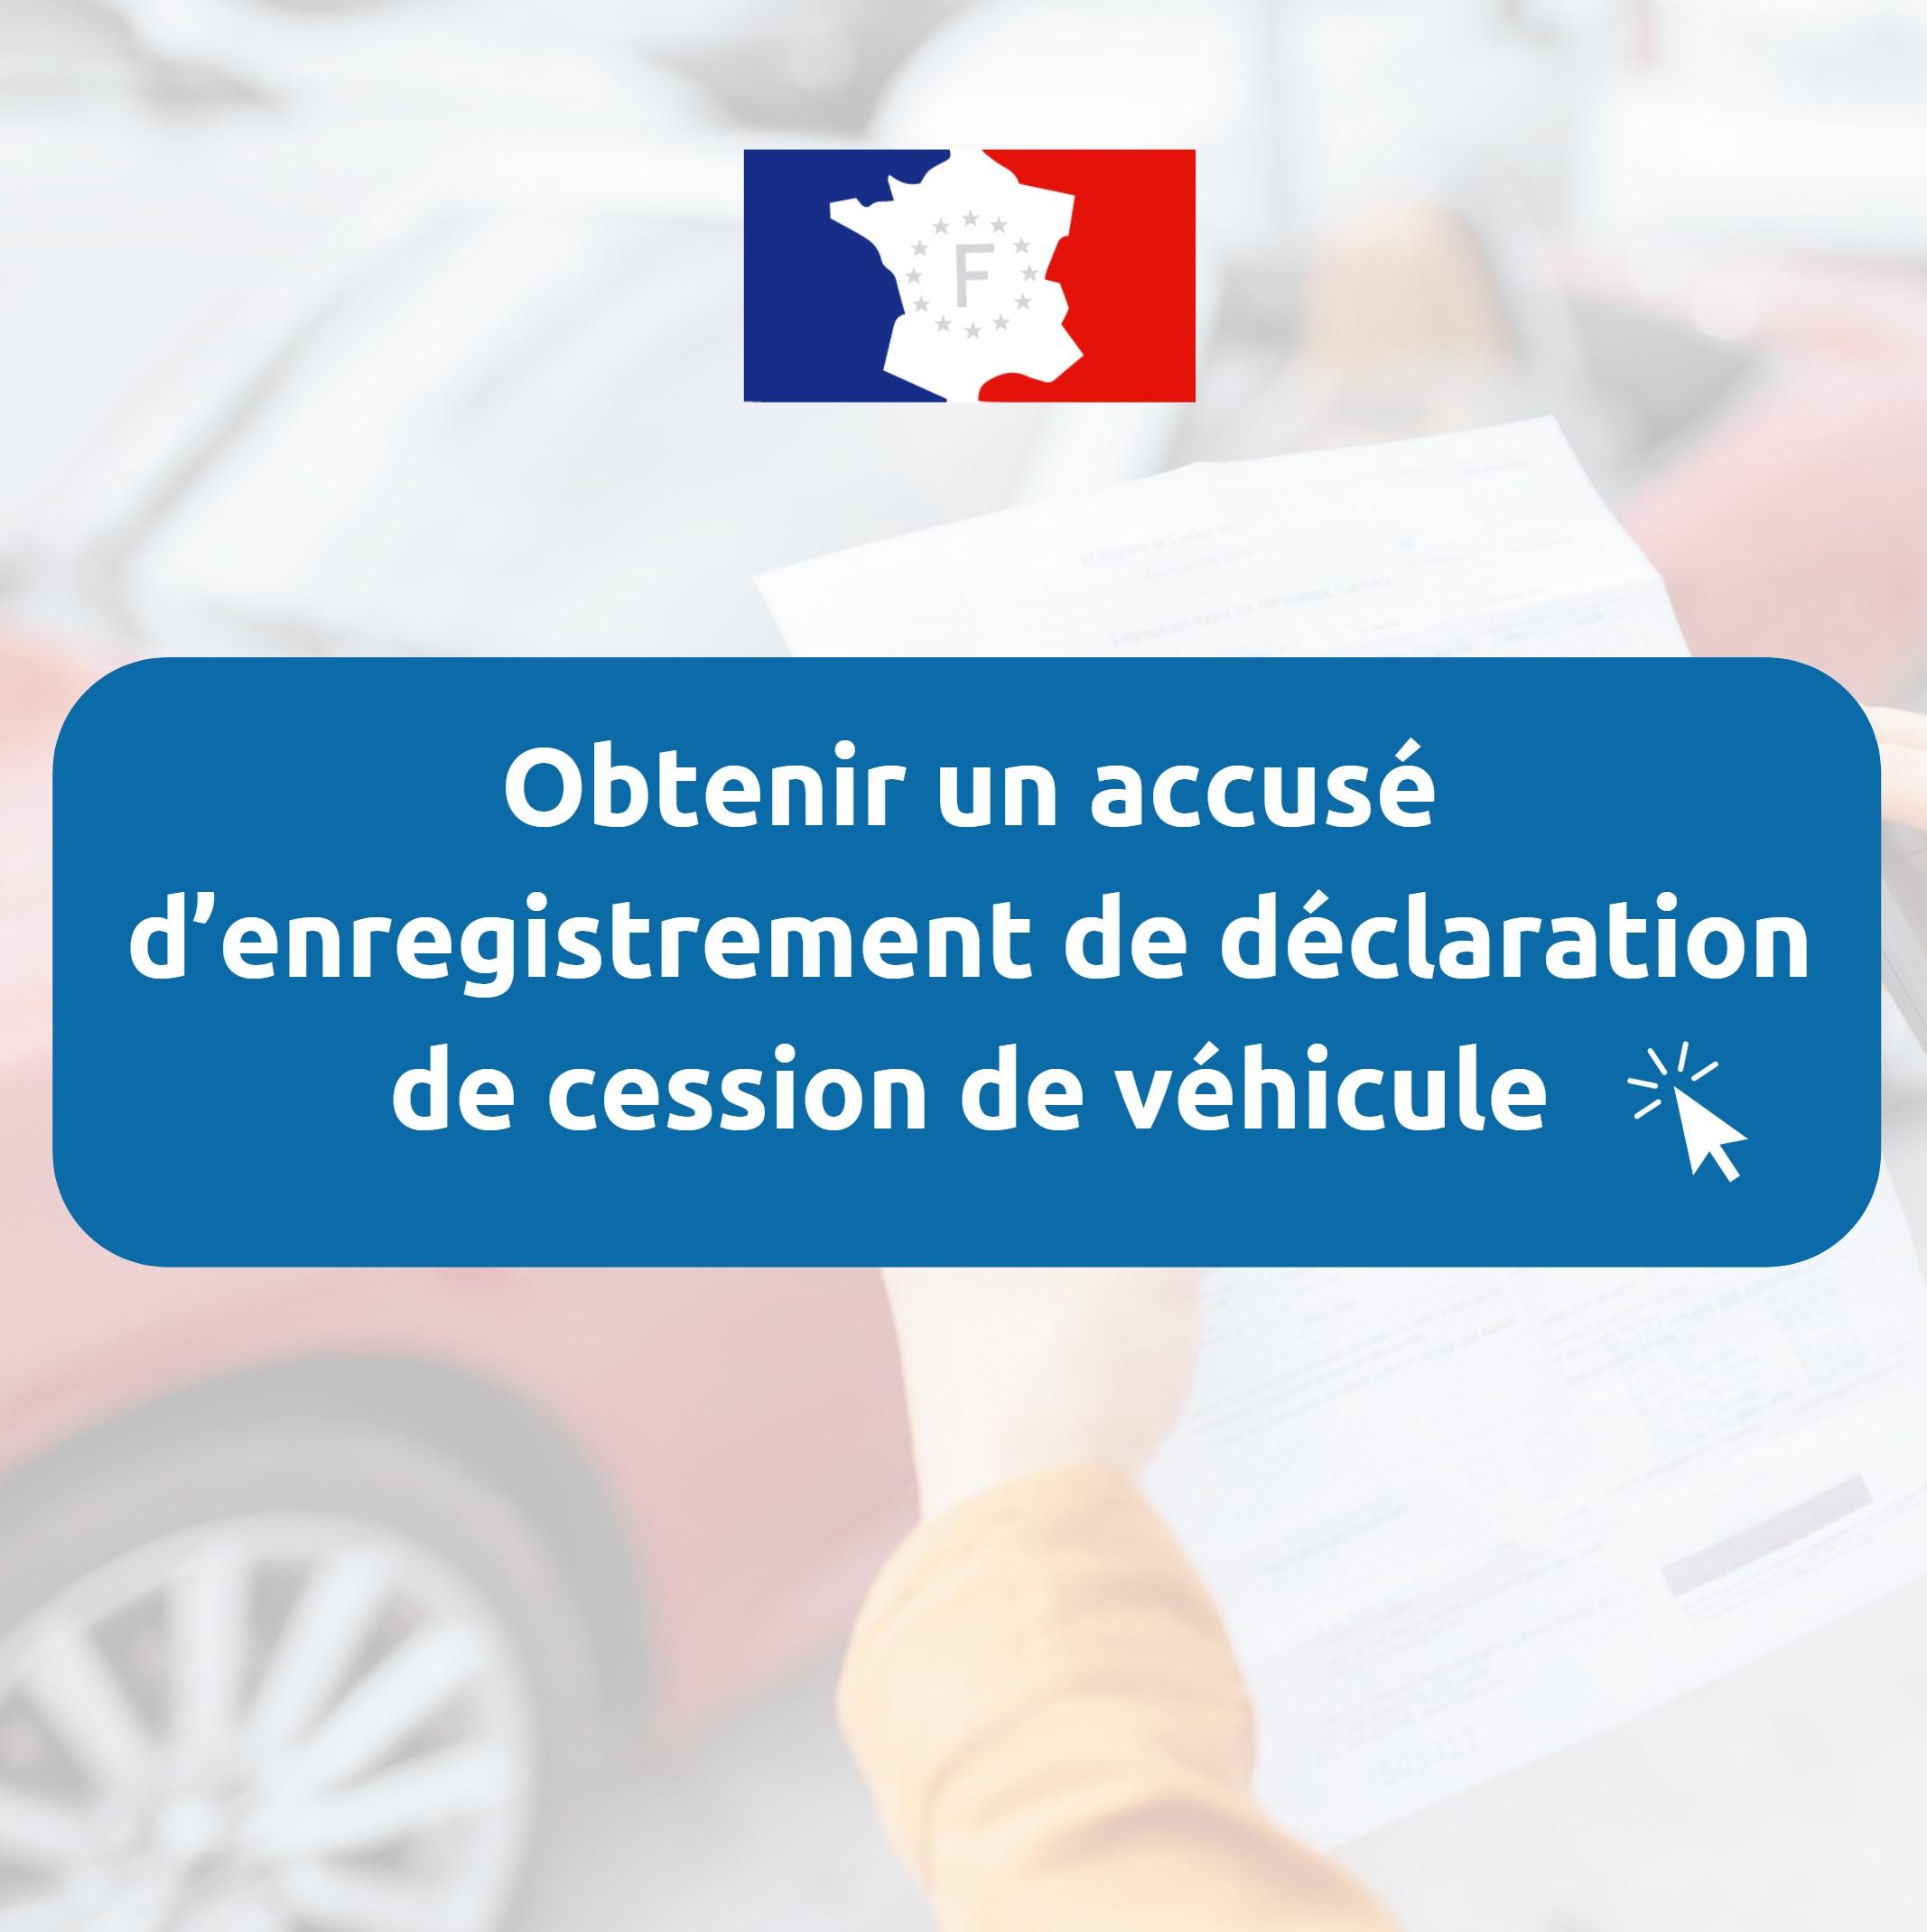 Obtenir accusé d'enregistrement de cession de véhicule